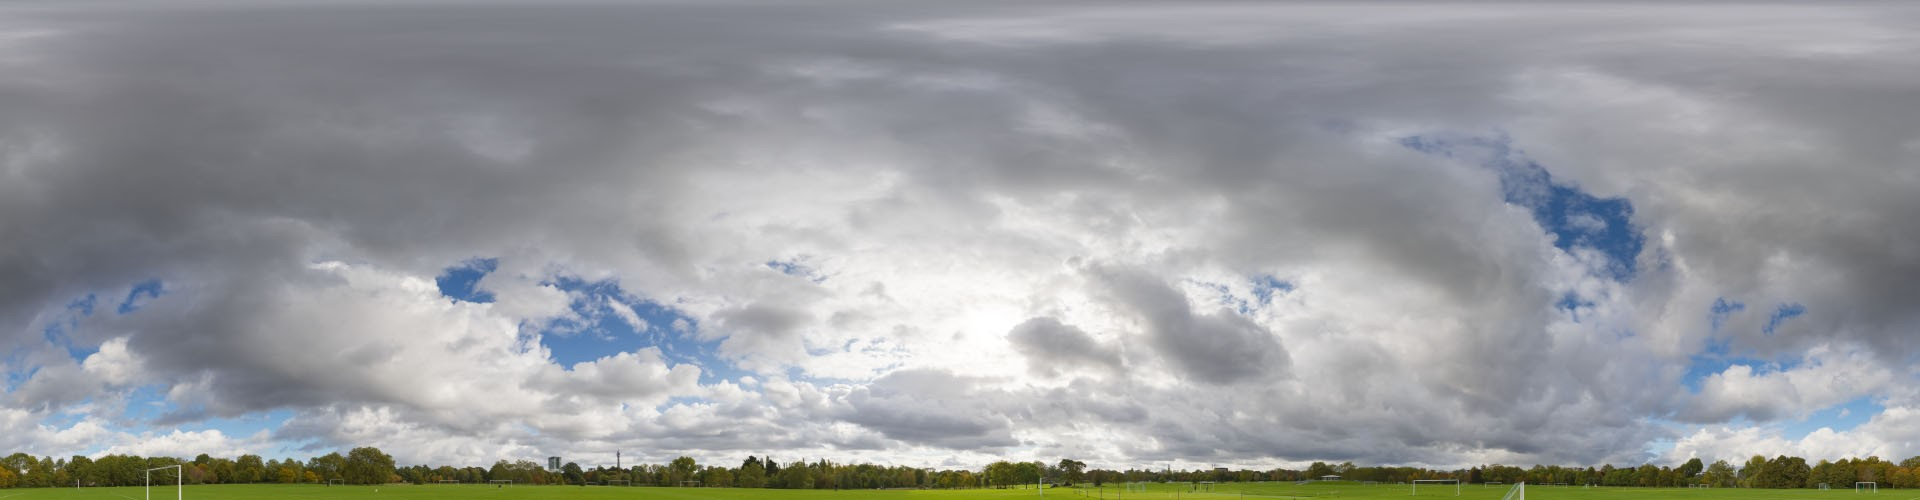 Stormy Clouds 5791 (30k) HDRI